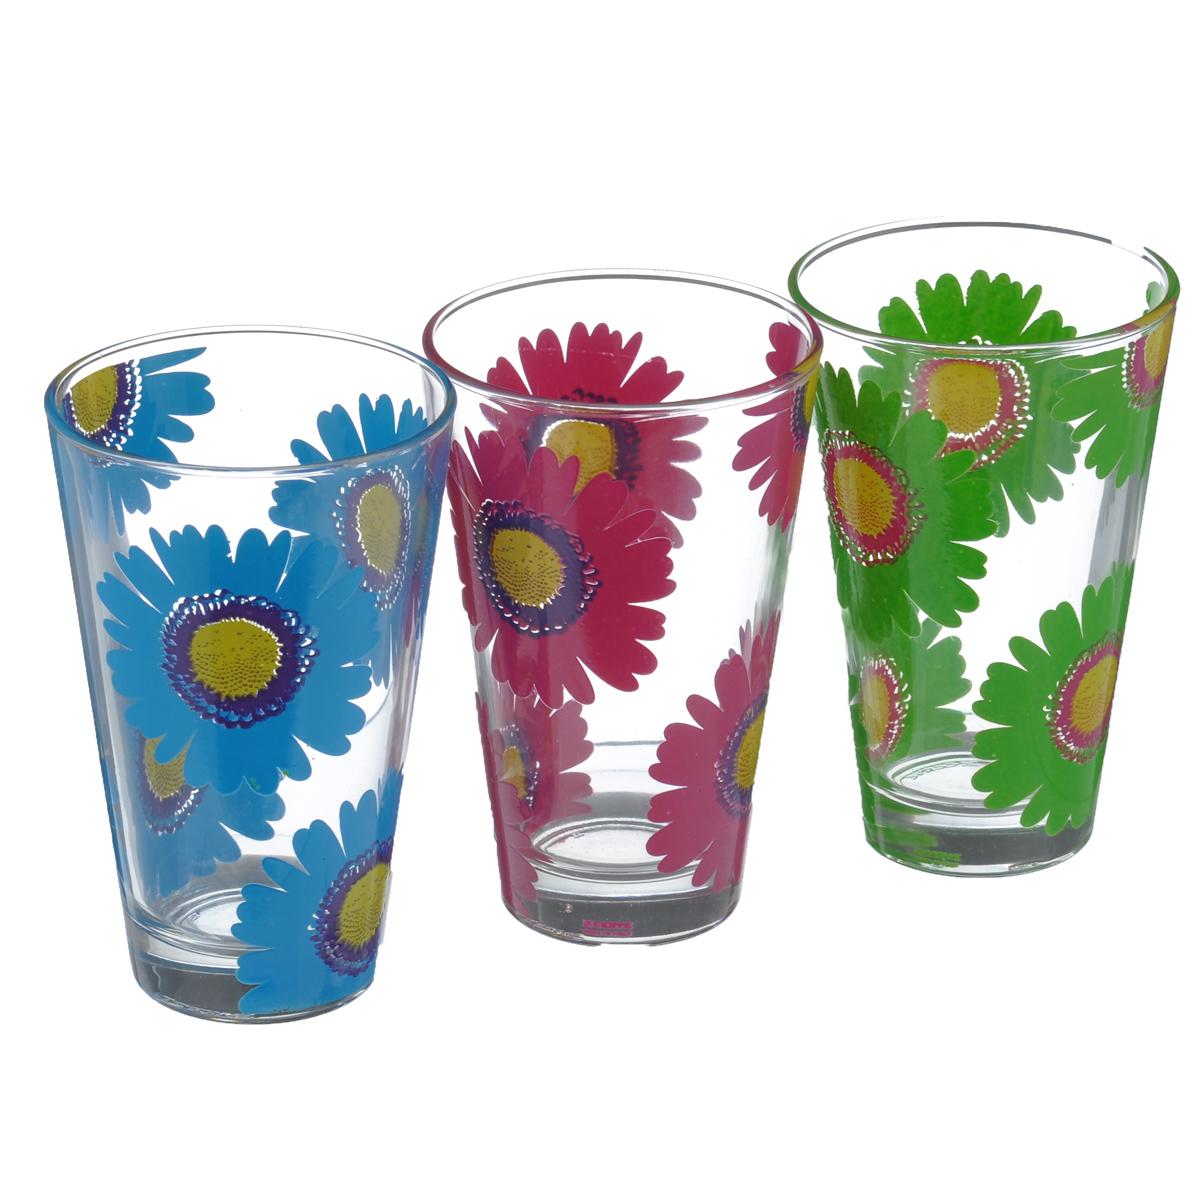 Набор стаканов Cerve Герберы, 310 мл, 3 штCEM47790Набор Cerve Герберы состоит из трех стаканов, изготовленных из высококачественного стекла. Внешние стенки оформлены красочным цветочным узором. Такие стаканы прекрасно подойдут для сока, воды, лимонада и других напитков. Они ярко оформят стол и станут прекрасным дополнением к коллекции вашей кухонной посуды. Можно мыть в посудомоечной машине. Диаметр стакана (по верхнему краю): 8 см. Высота стакана: 12 см.